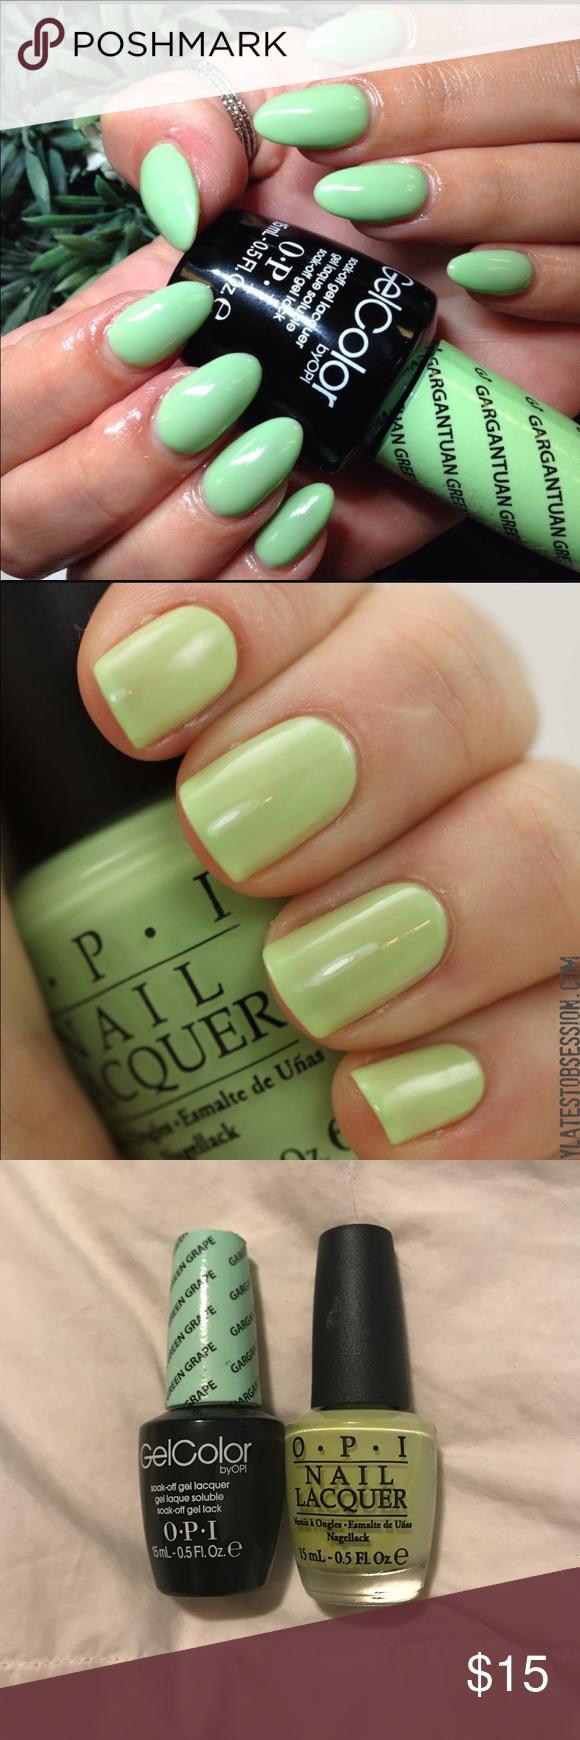 BUNDLE! OPI Gel Polish and regular polish | Green grape, OPI and Opi ...